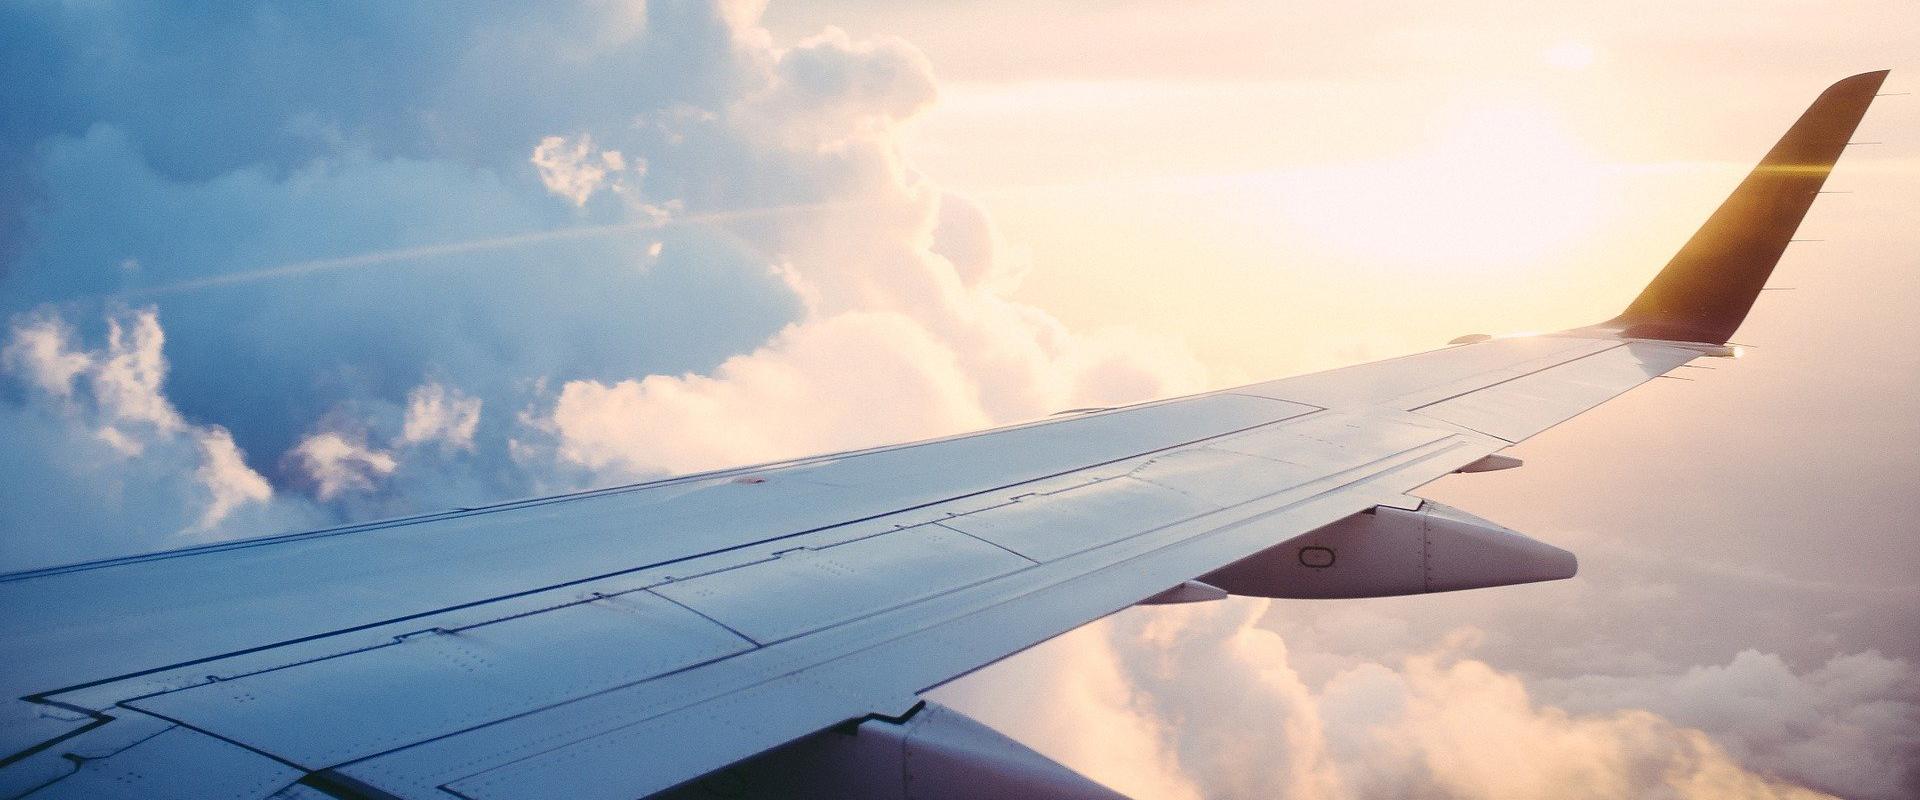 Flugzeuge fliegen wieder ab Lübeck